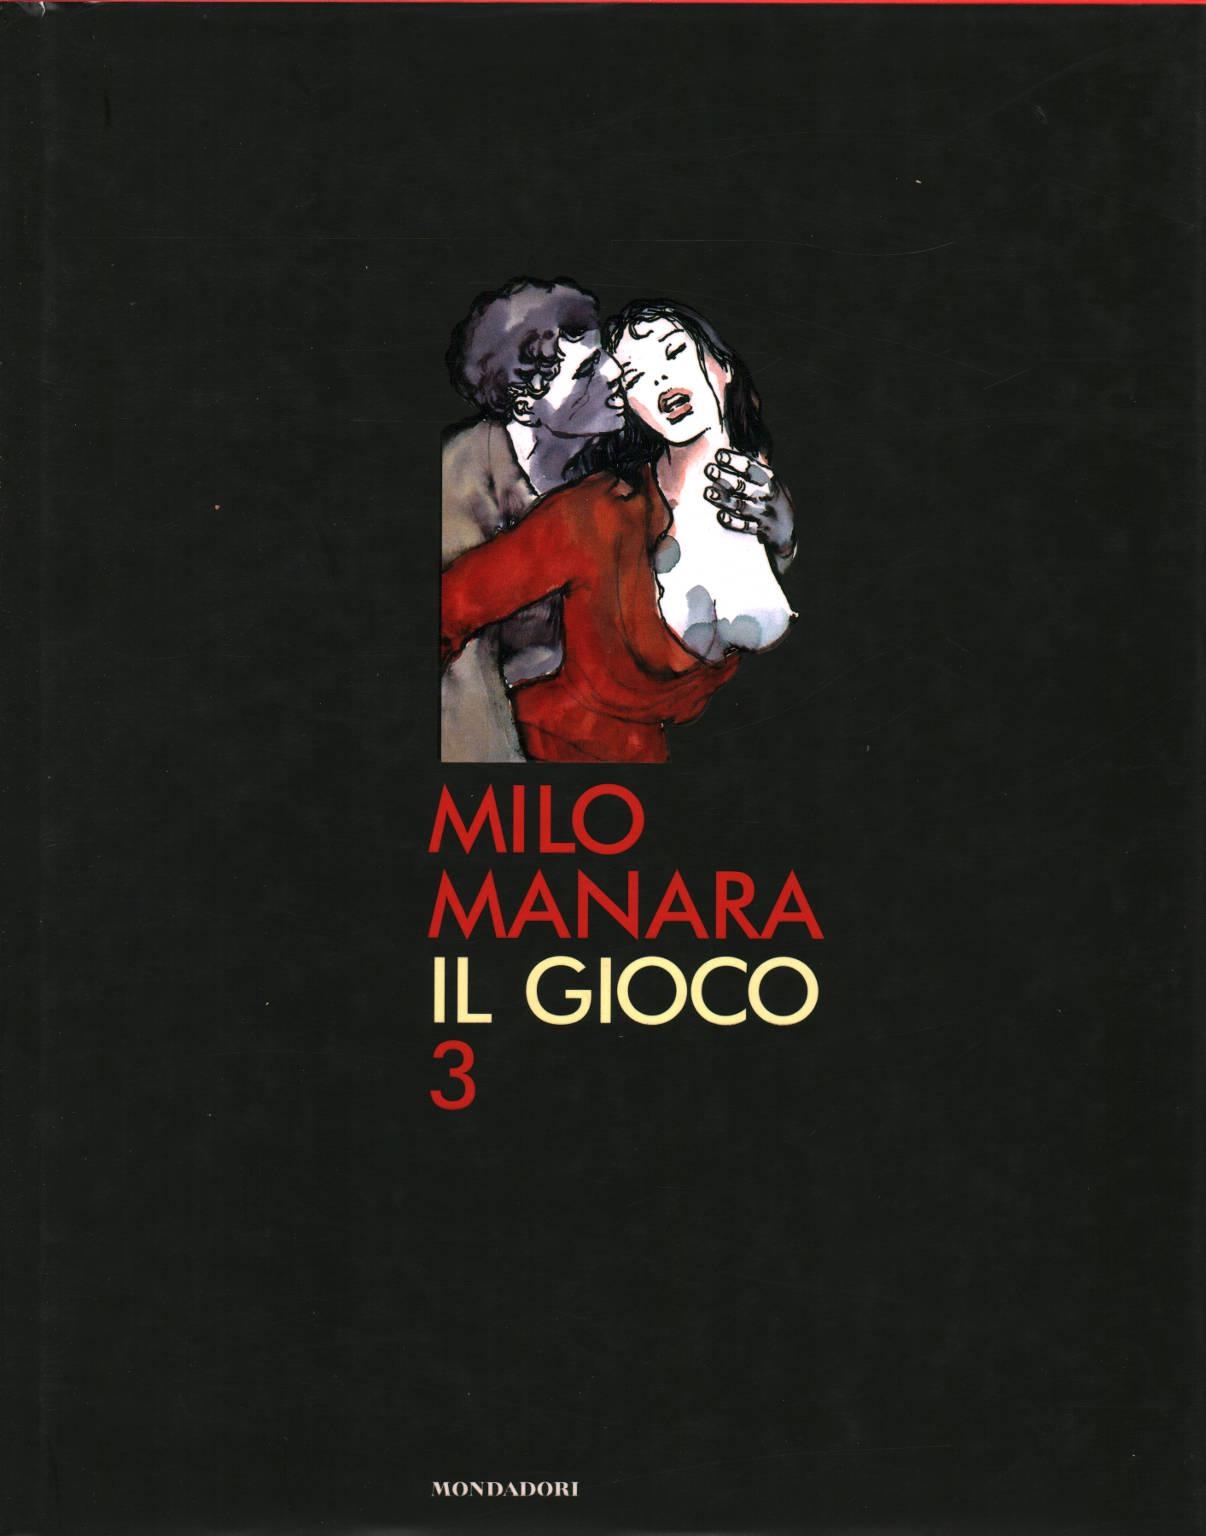 Il Gioco 3 - Milo Manara - Fumetti D U0026 39 Autore